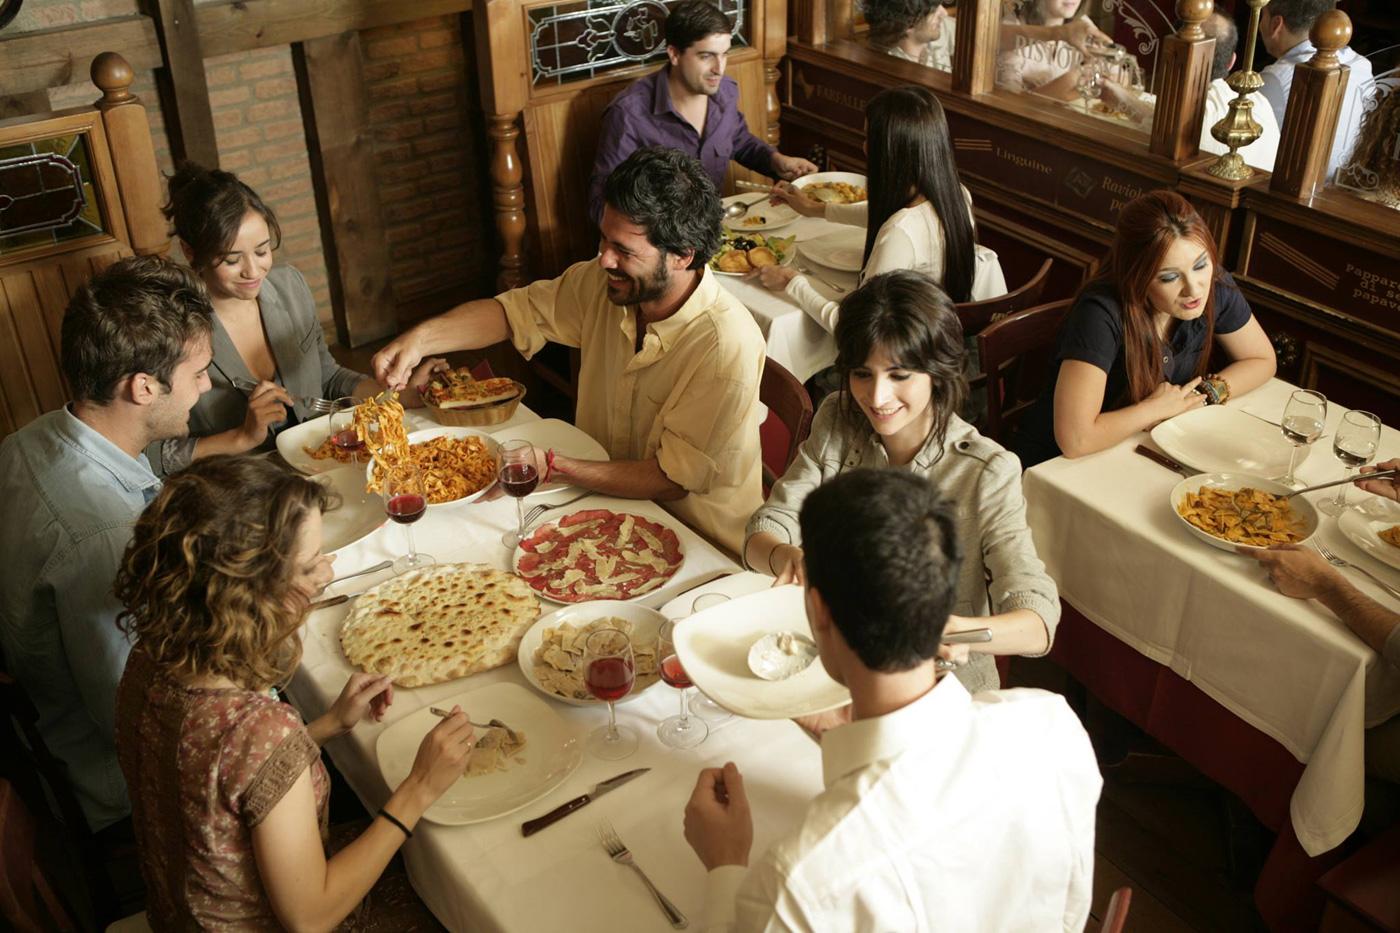 La Tagliatella - Restaurante italiano